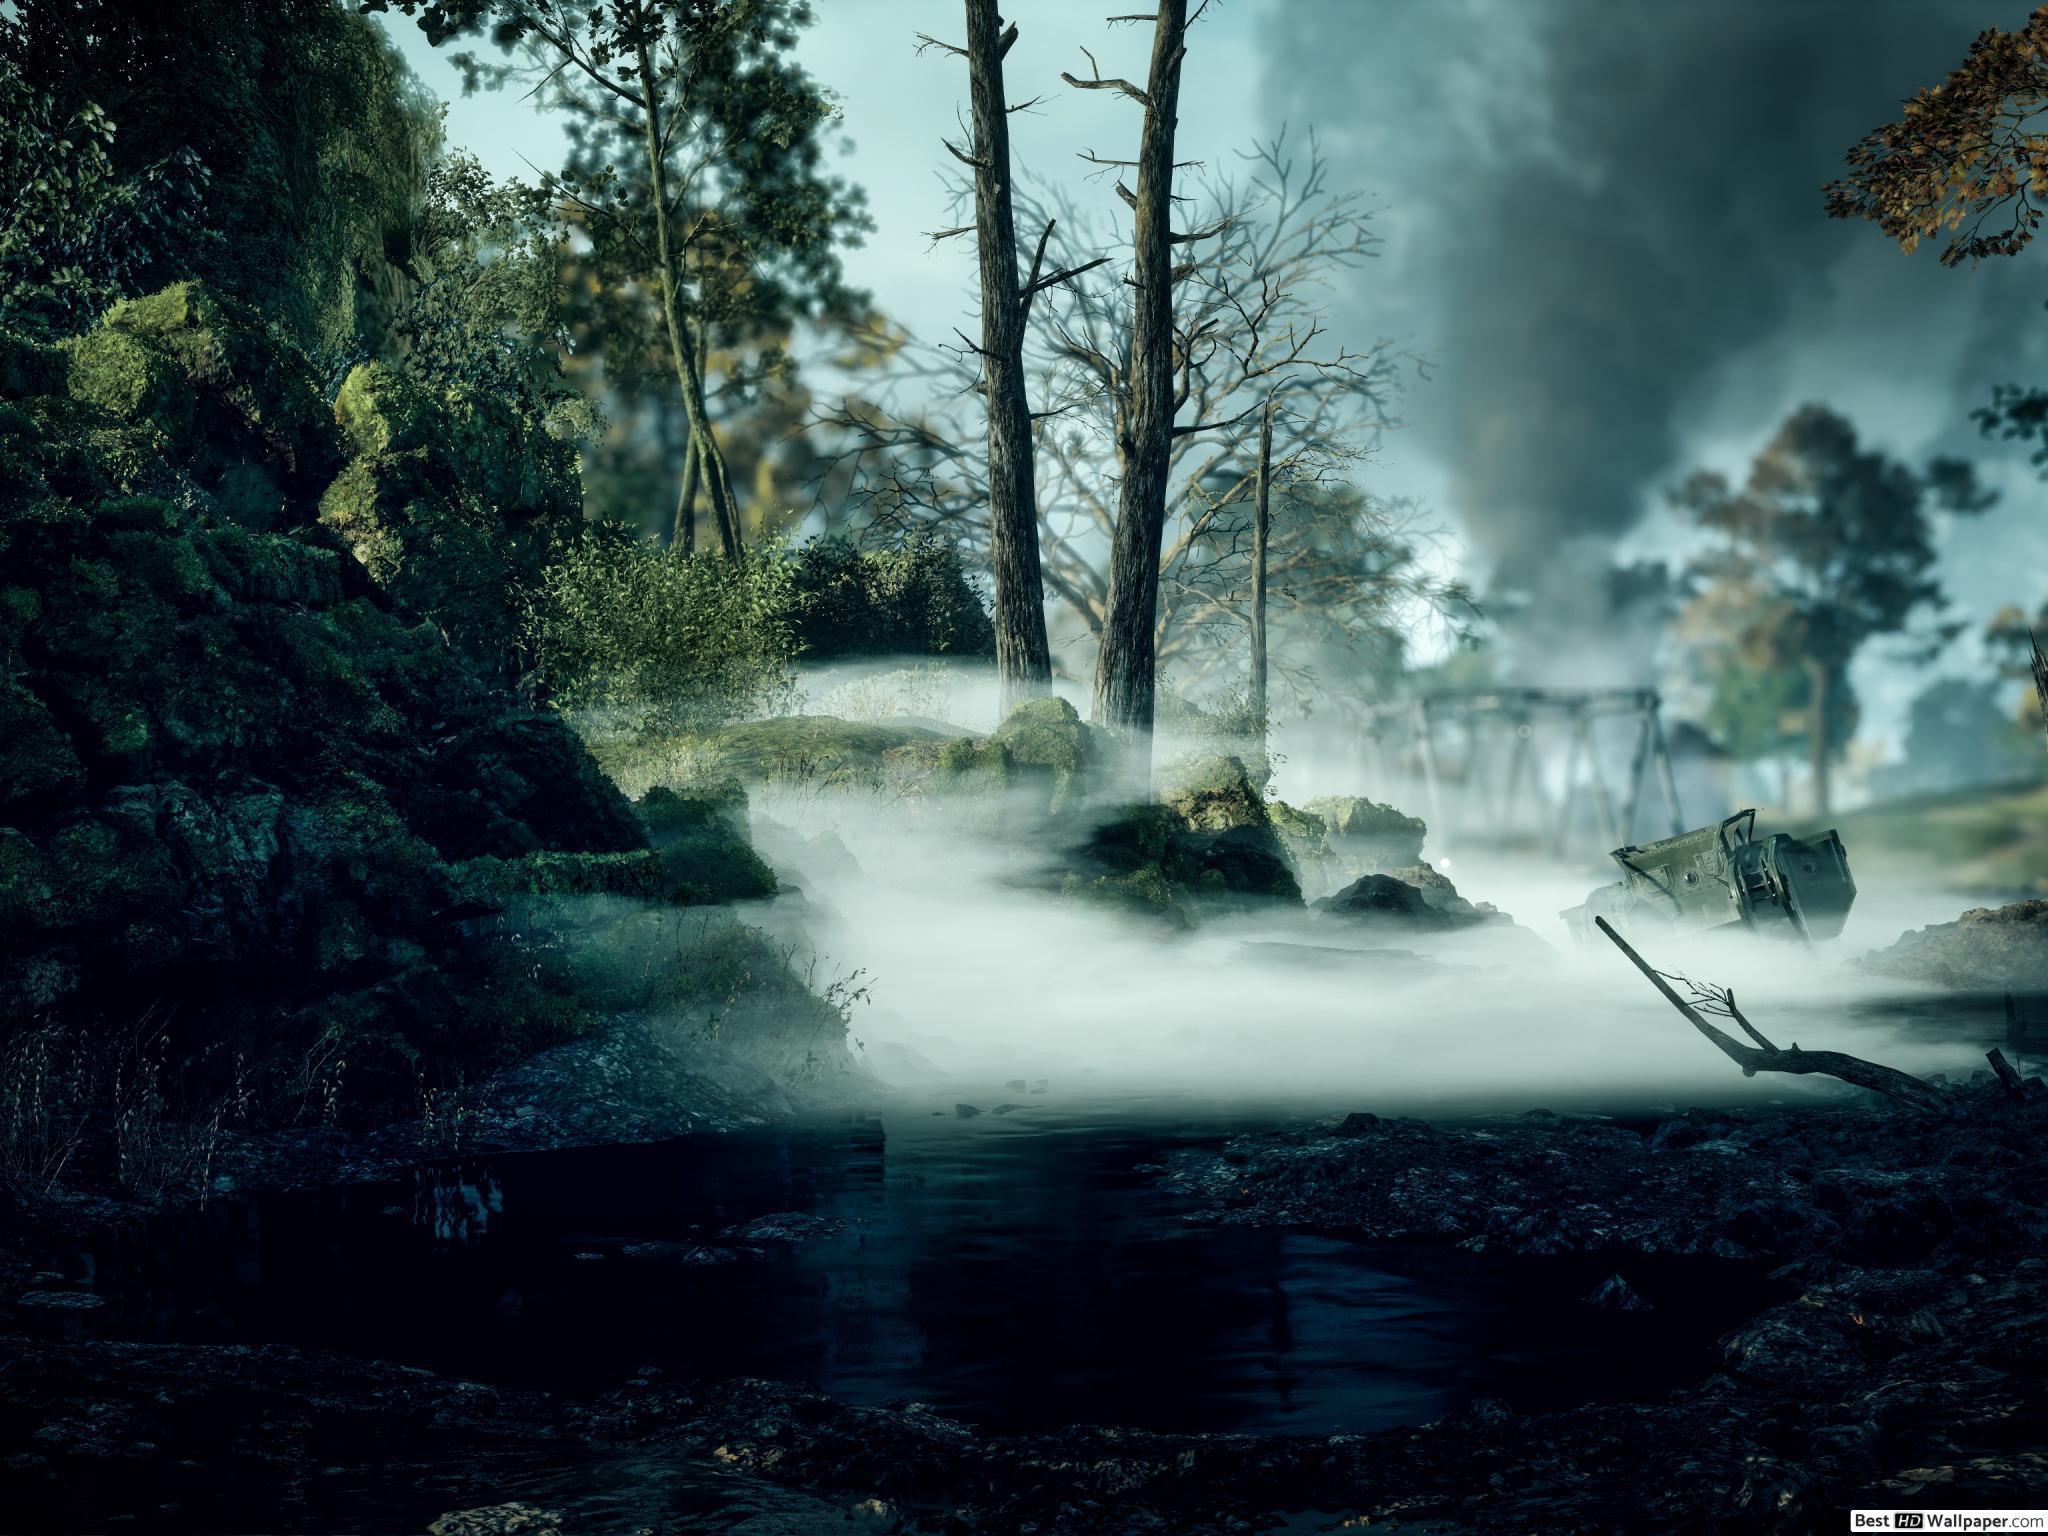 2048x1536 Trò chơi Battlefield 1 - tải xuống hình nền HD rừng